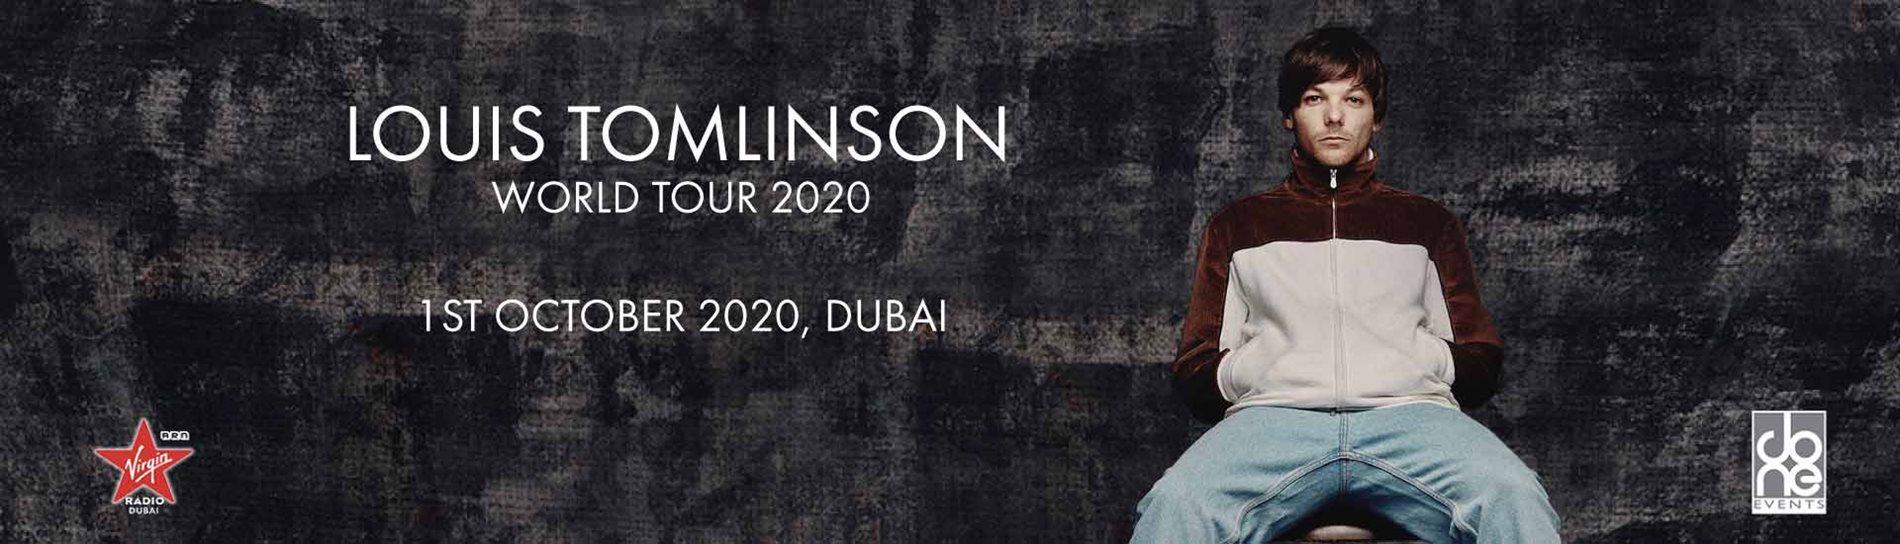 LOUIS TOMLINSON WORLD TOUR 2020